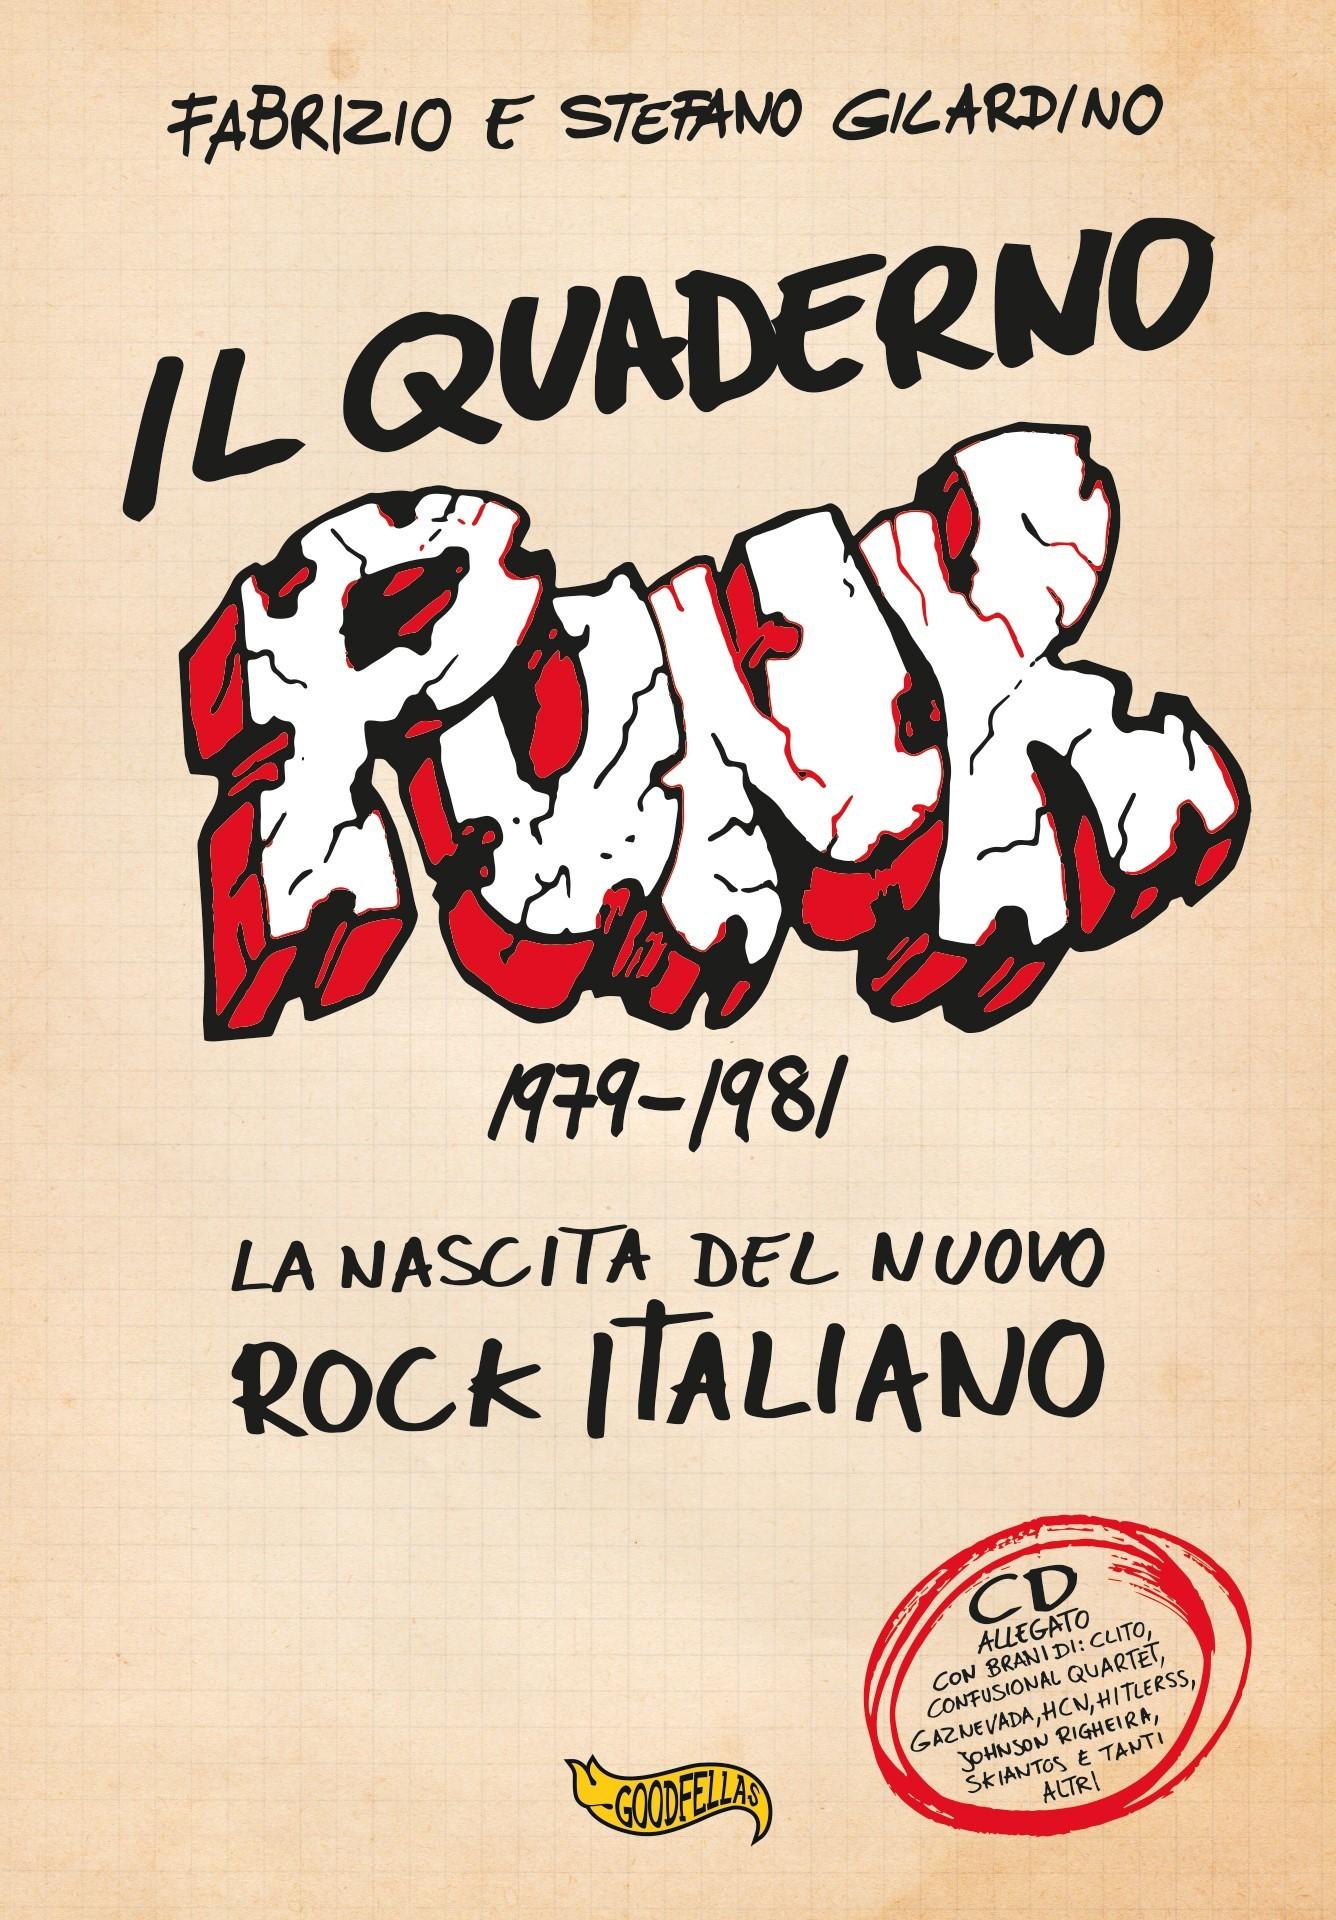 «Il quaderno punk 1979 – 1981 La nascita del nuovo rock italiano» di Fabrizio e Stefano Gilardino (Ed Goodfellas)